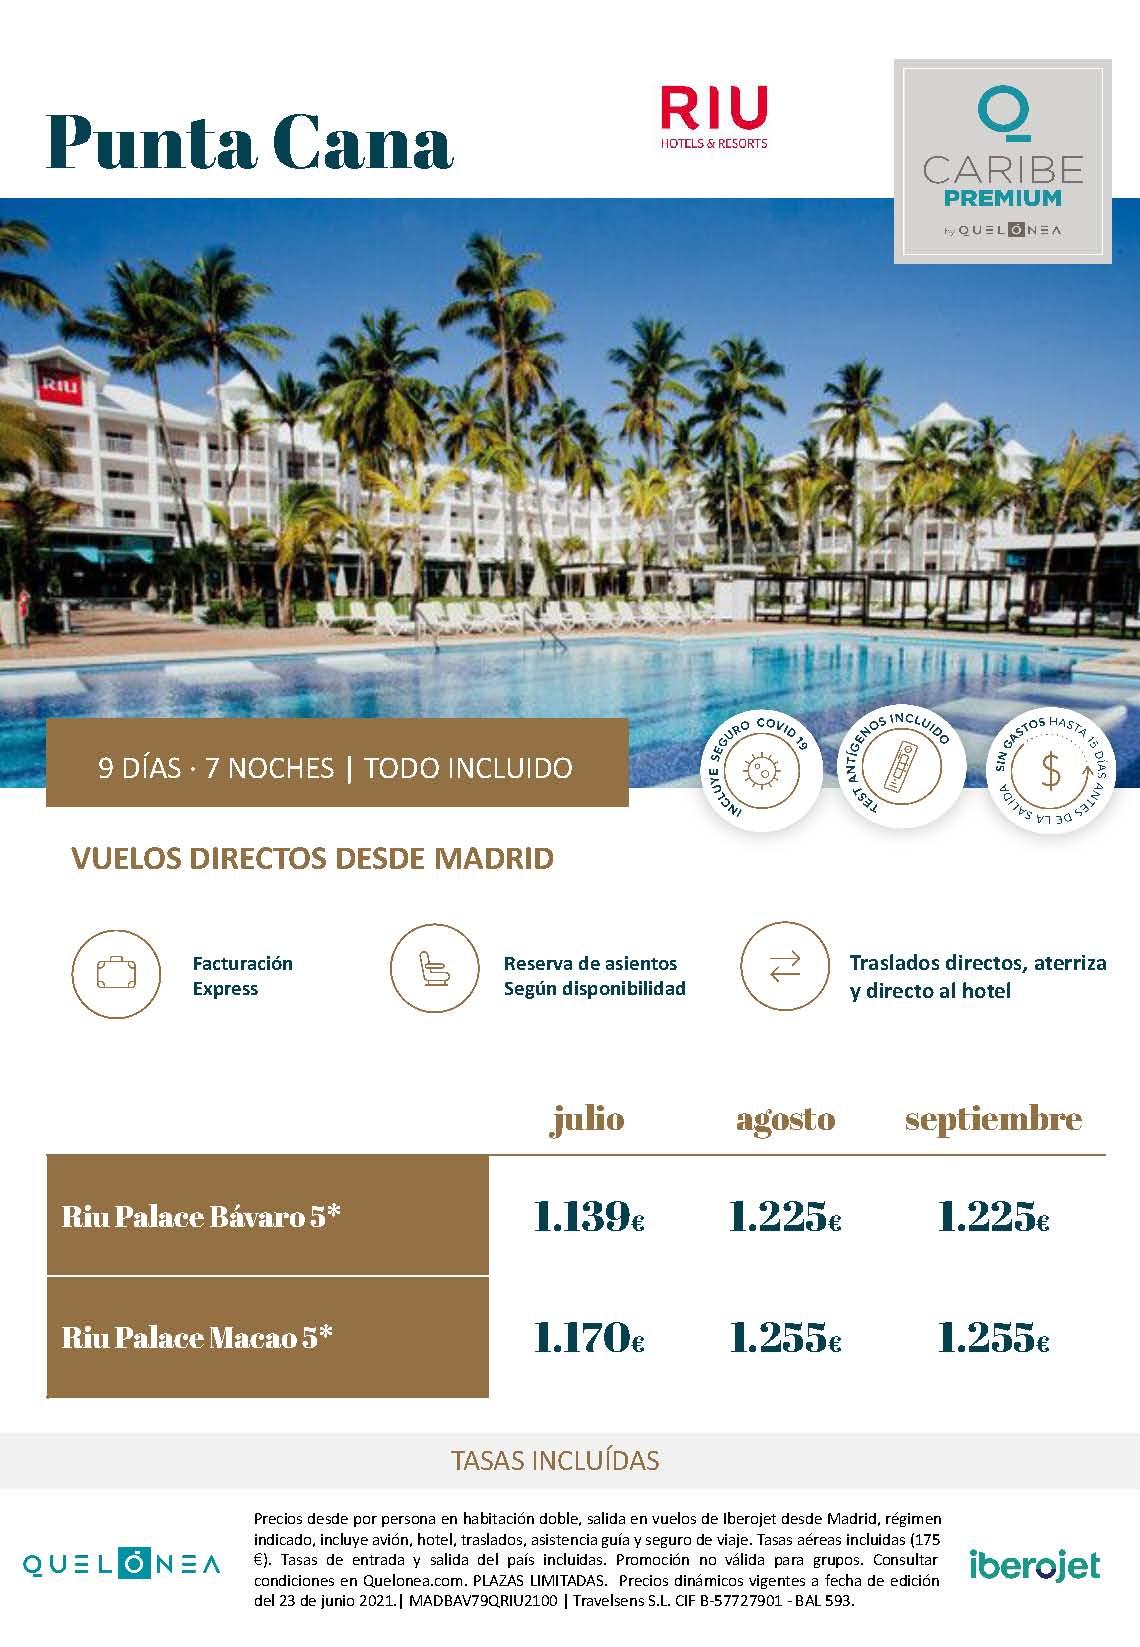 Ofertas RIU Palace Bavaro y RIU Palace Macao Punta Cana Julio Agosto y Septiembre 2021 vuelo directo desde Madrid